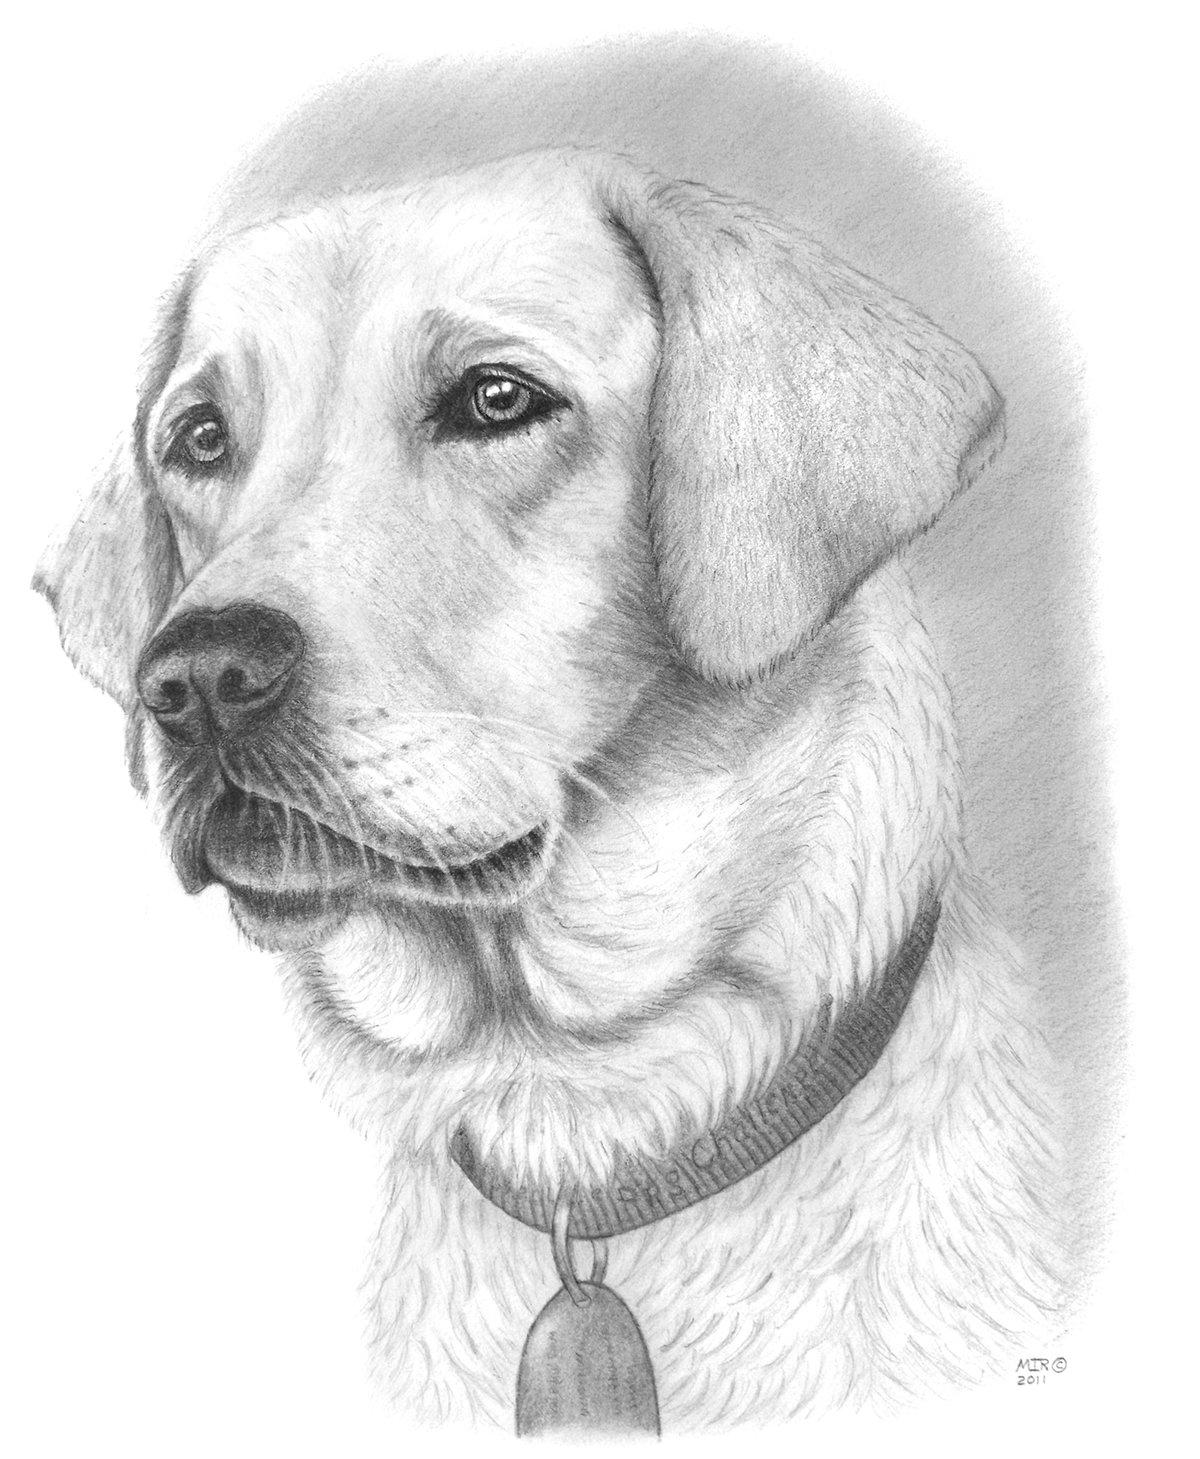 рисунки карандашом не сложные но красивые собаки оригинальной версии квеста